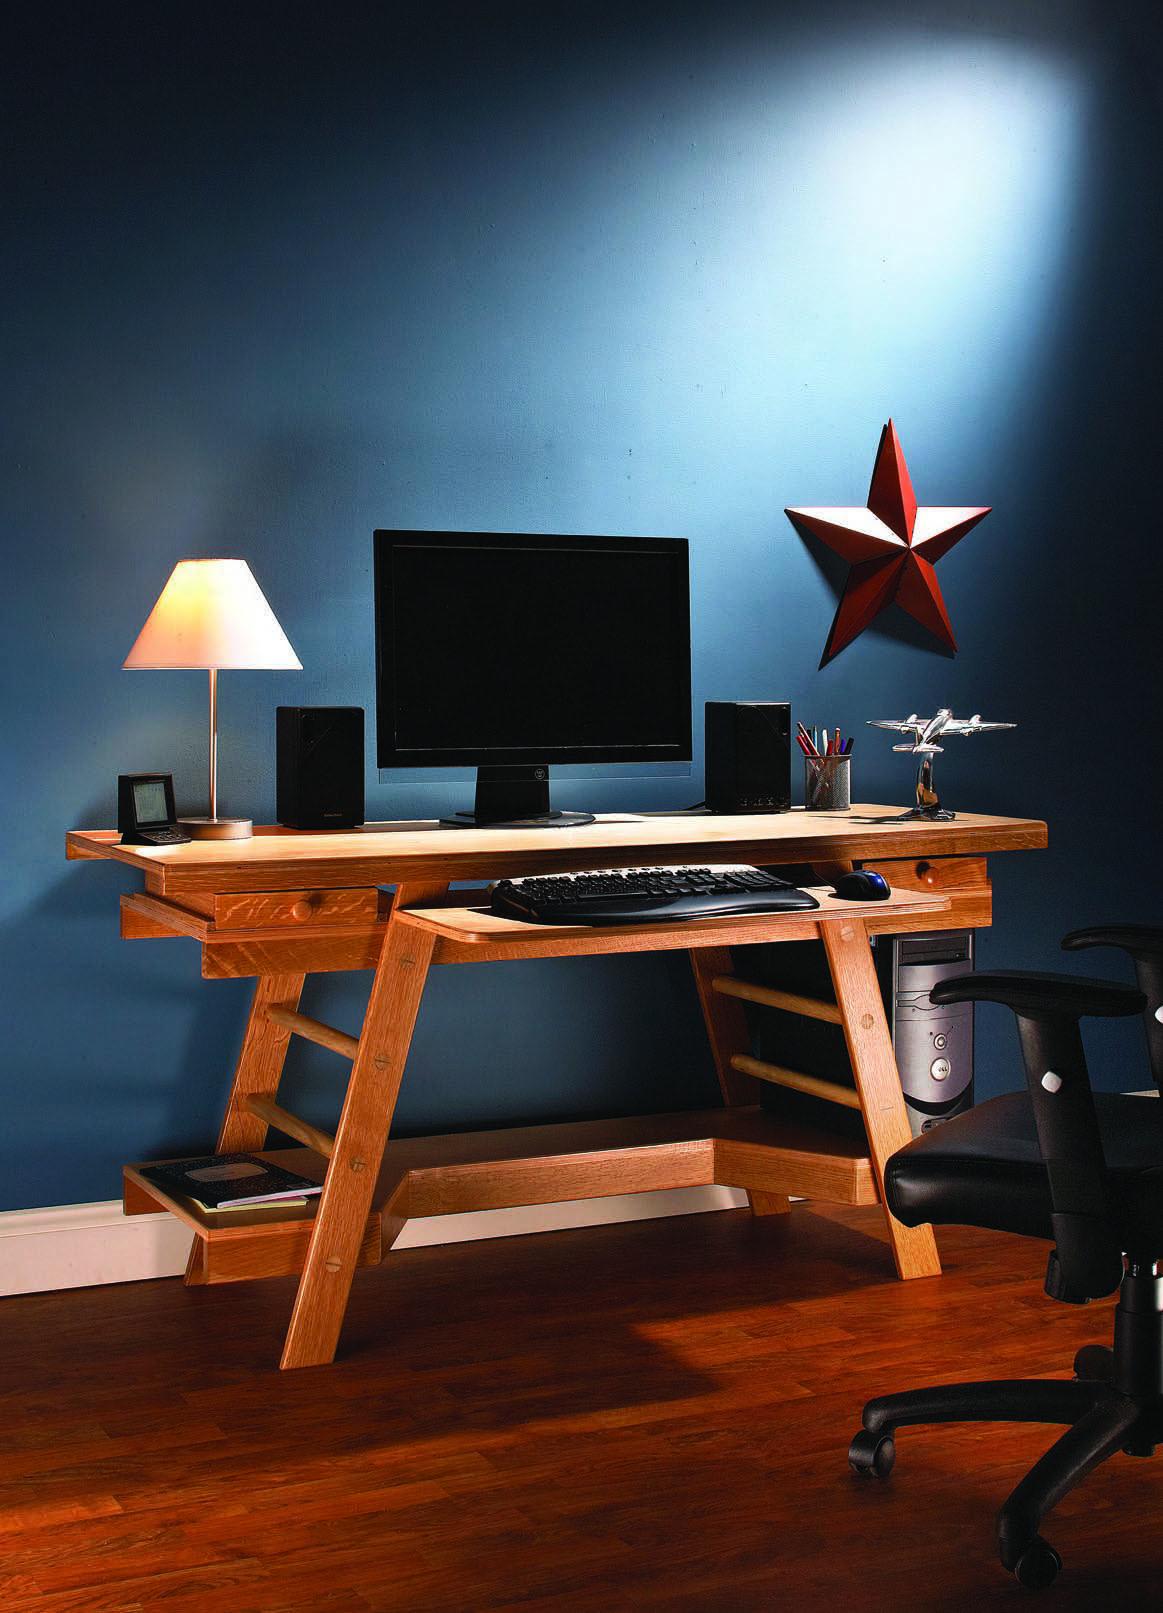 How To Build A Desk: A Free Ebook